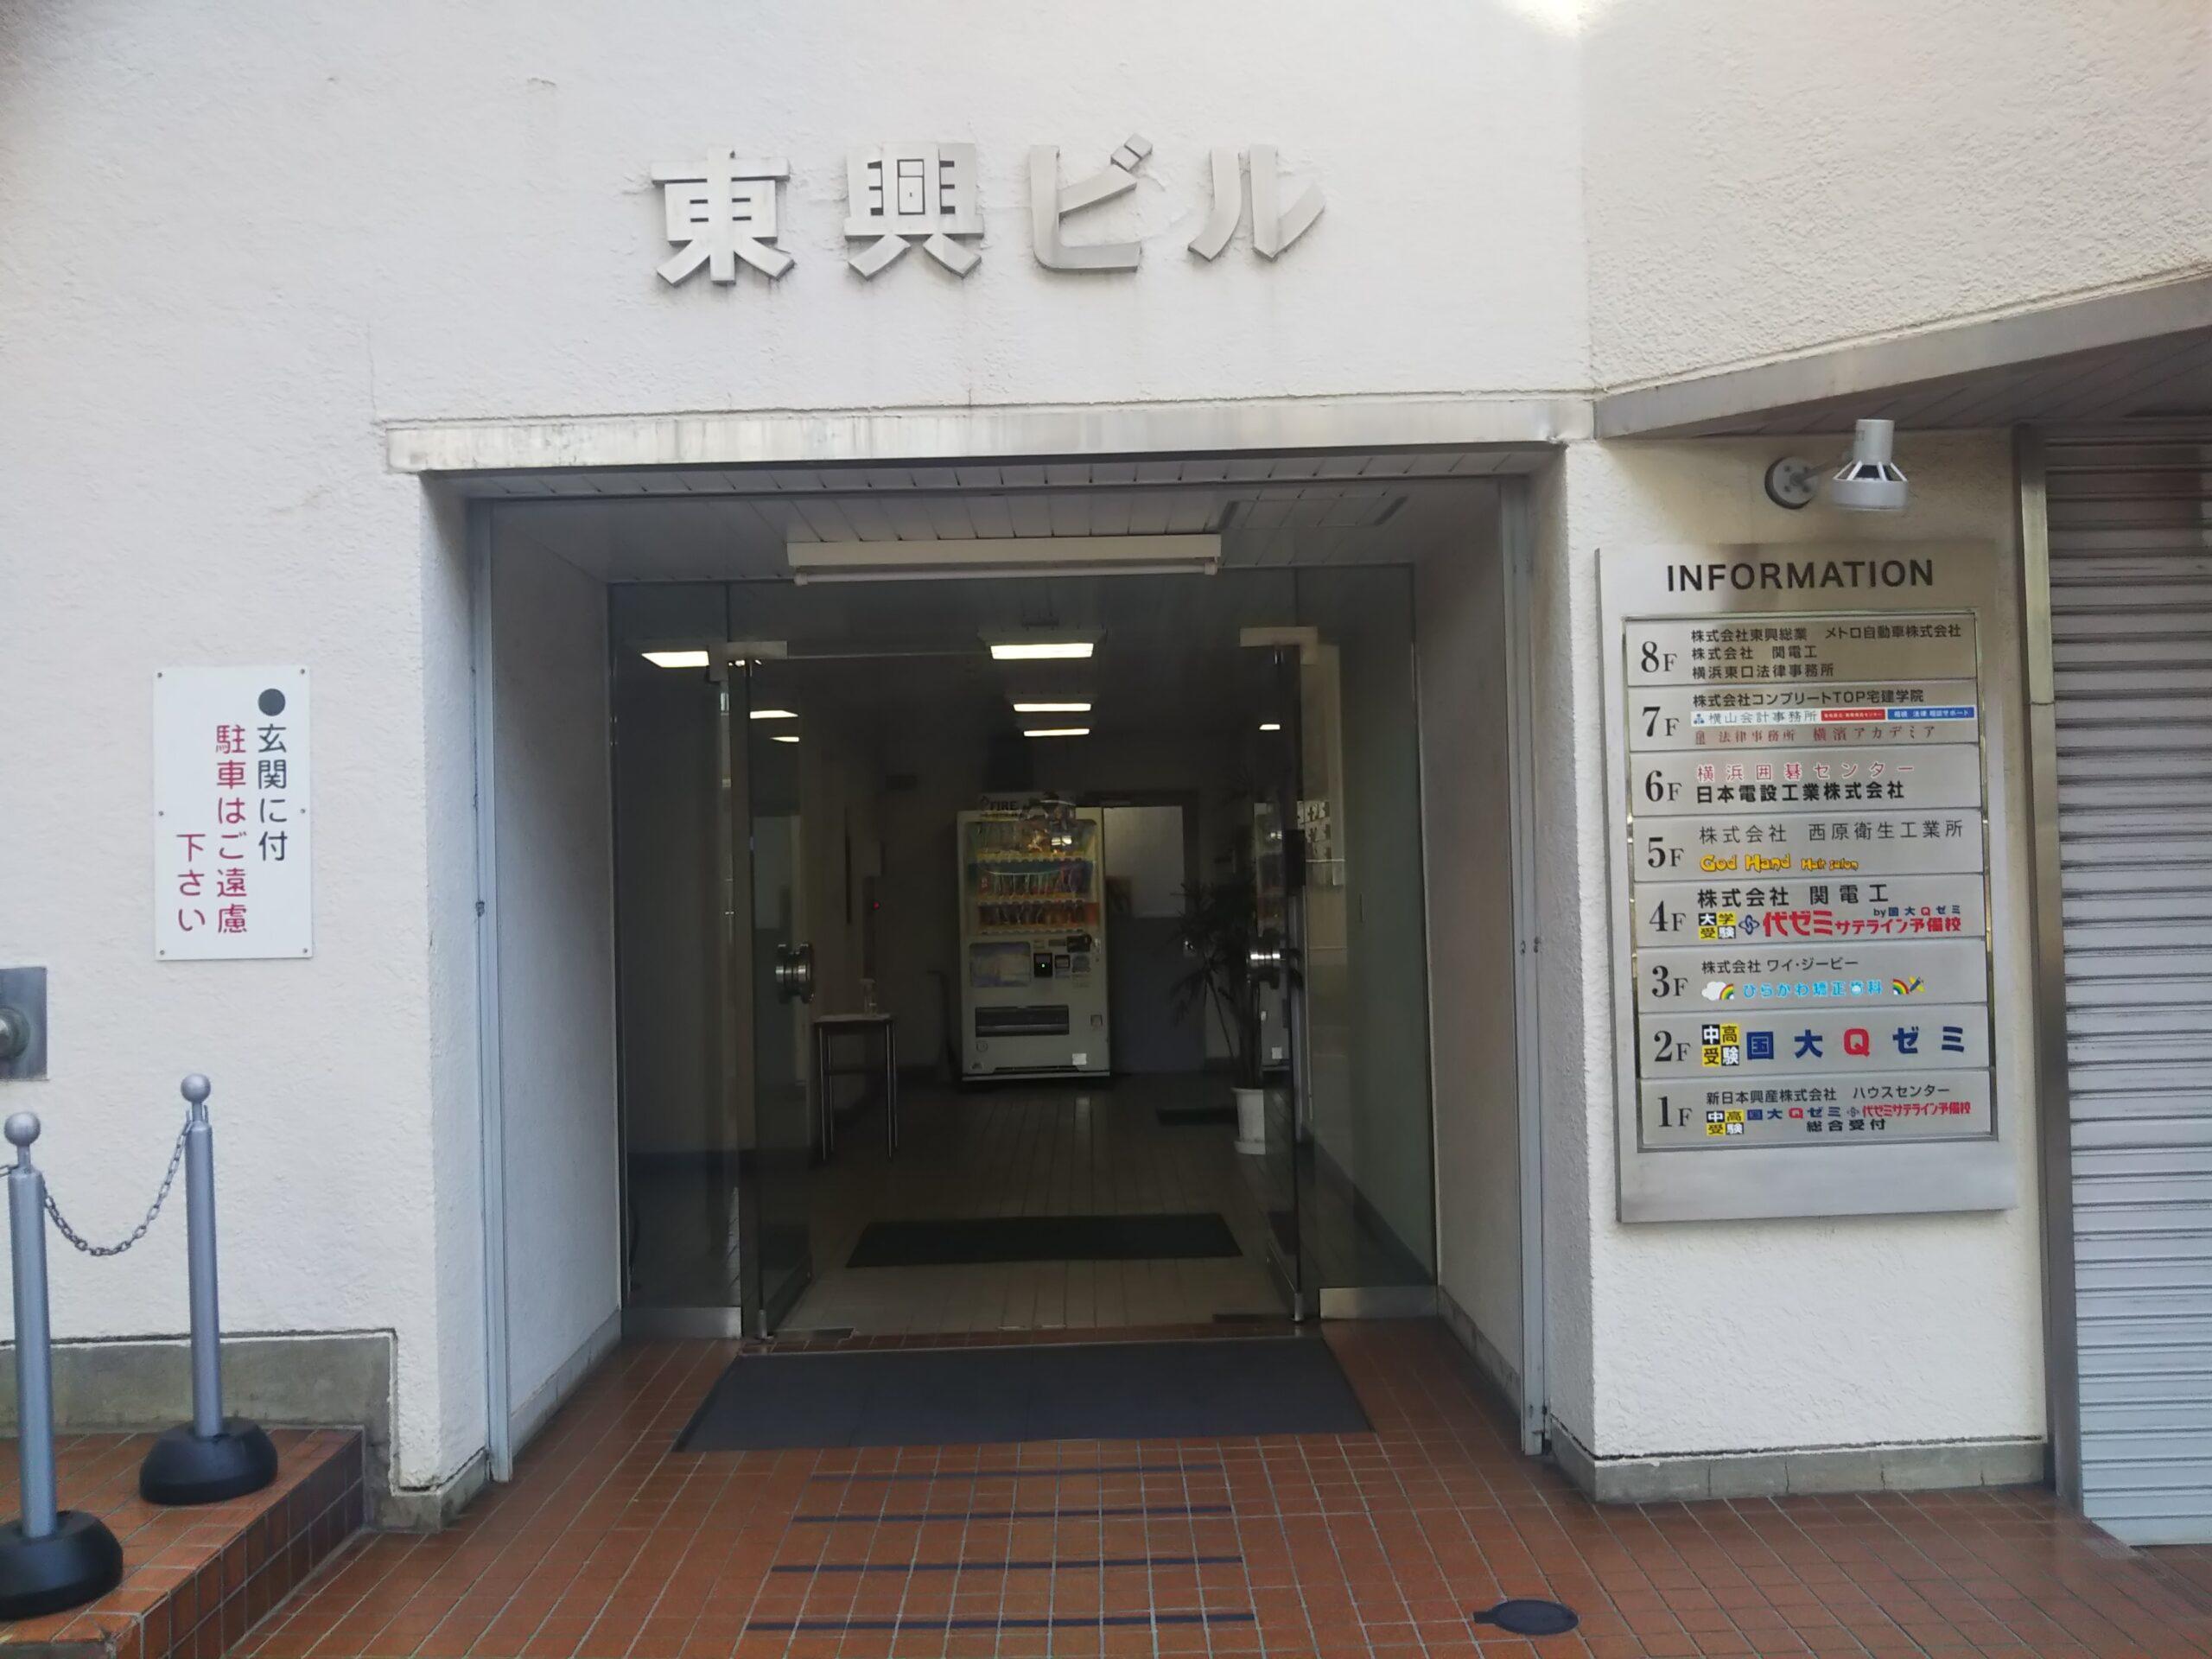 横浜囲碁センターの東興ビル